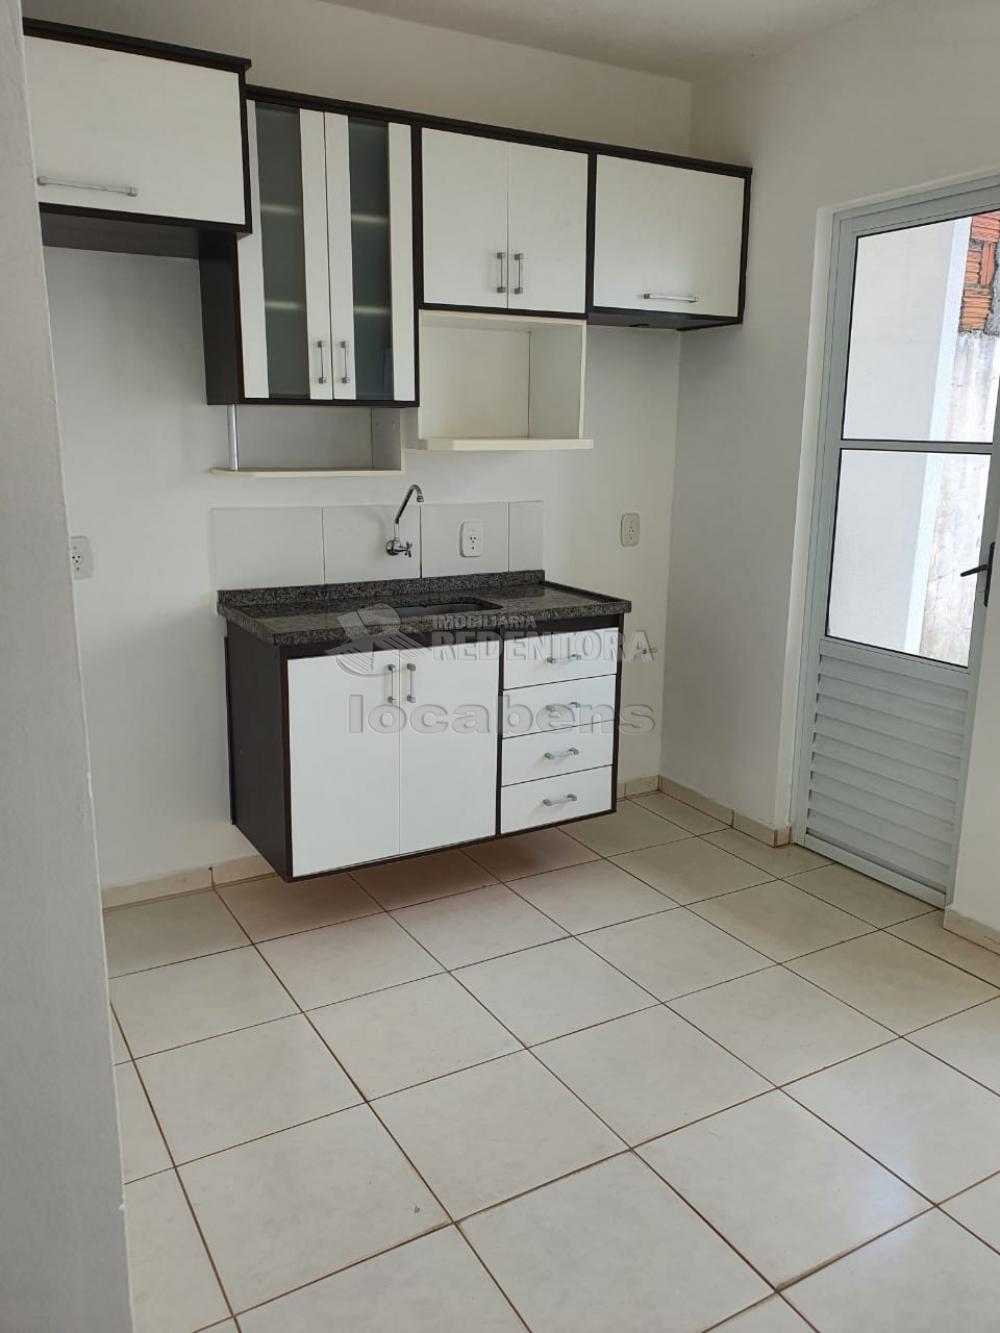 Alugar Casa / Condomínio em São José do Rio Preto R$ 1.100,00 - Foto 20